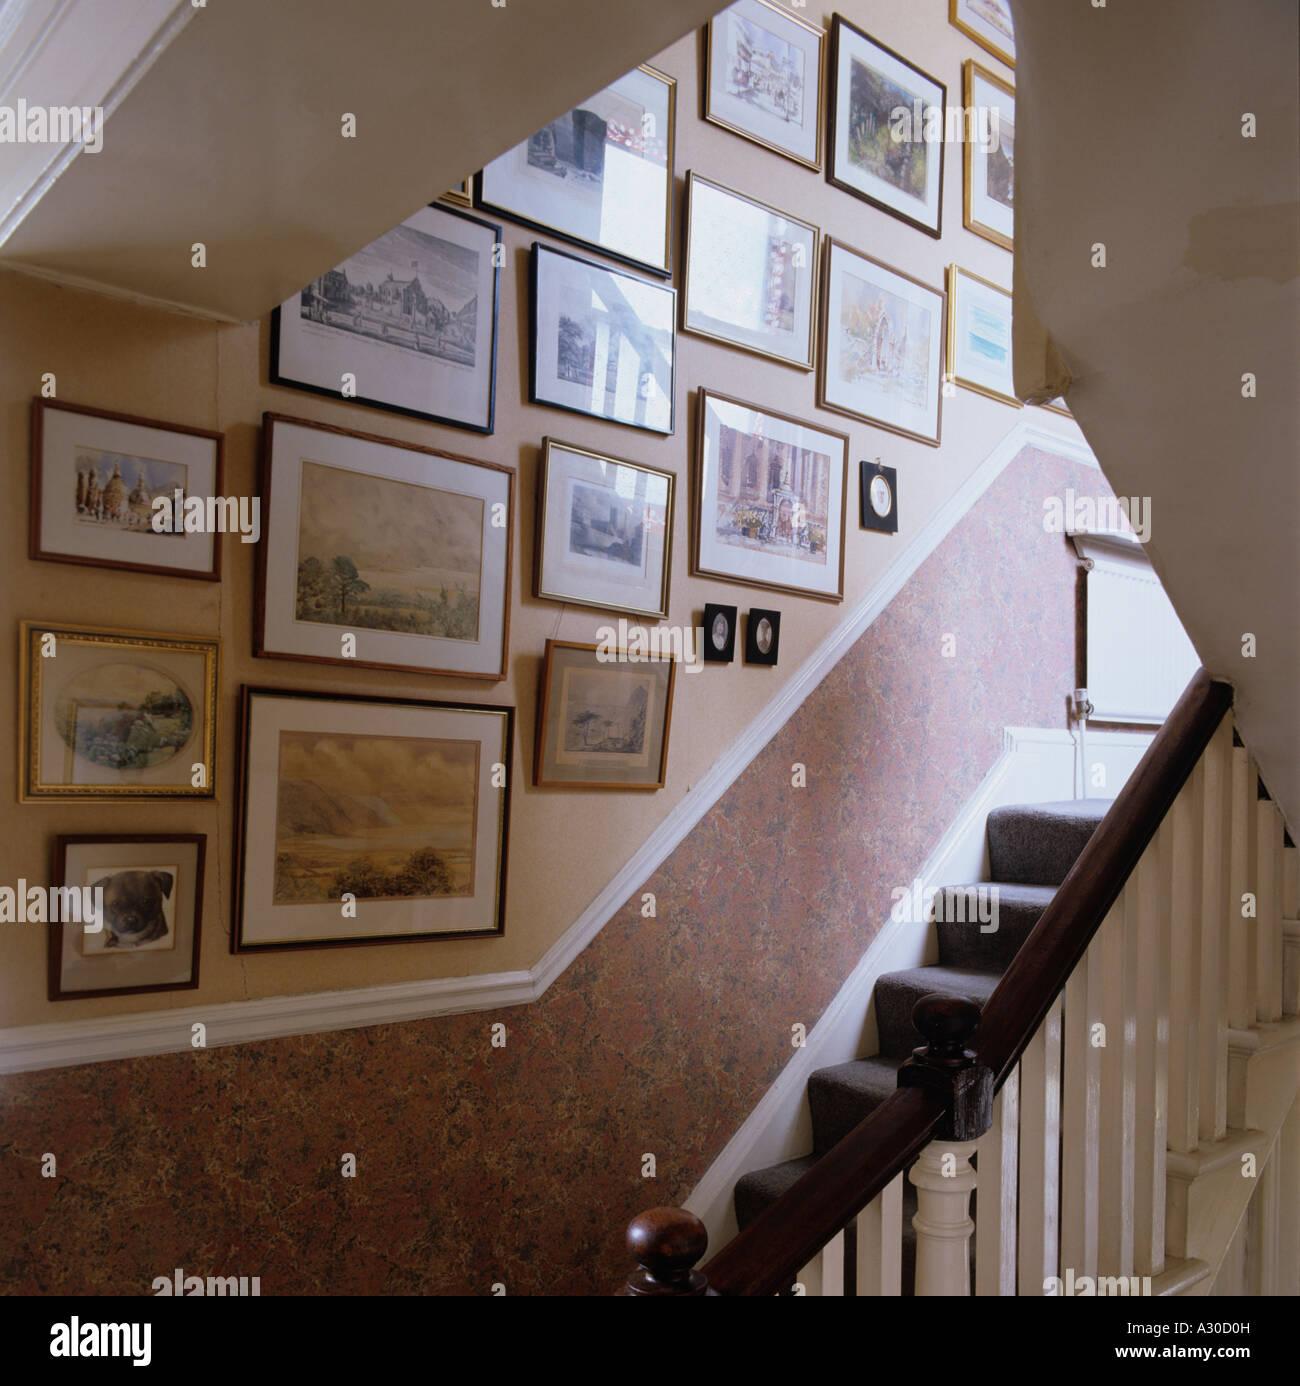 Treppe und Wand von Bildern und Grafiken Stockbild